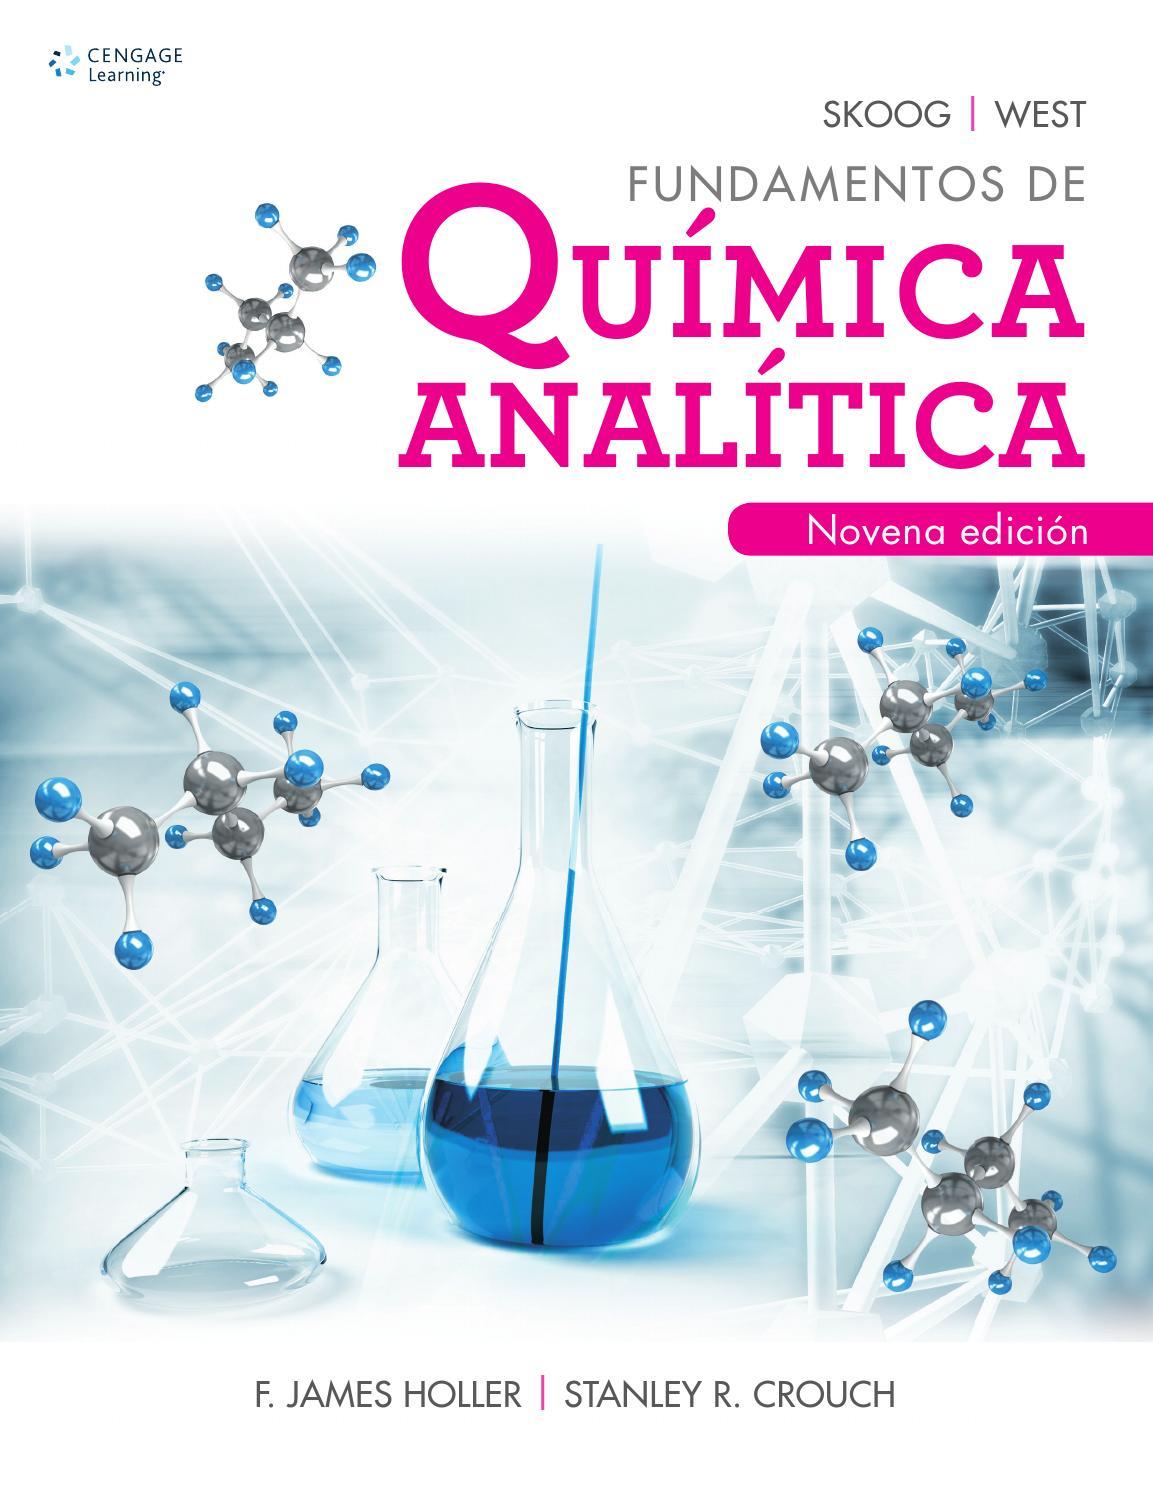 Fundamentos de qu mica anal tica 9a ed douglas a skoog for Libro la quimica y la cocina pdf